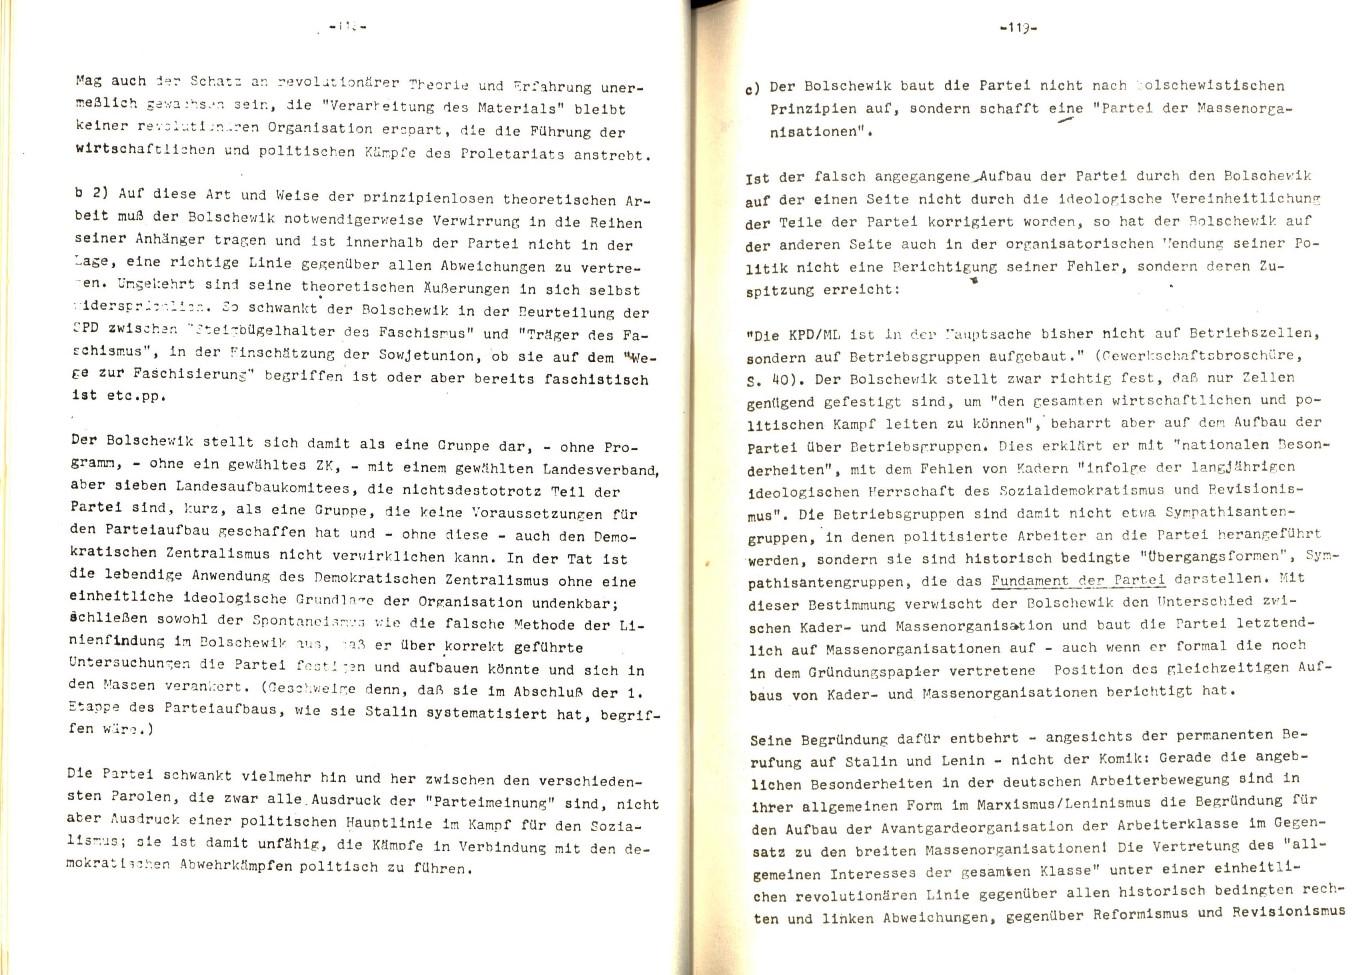 PLPI_1971_Aufloesung_62